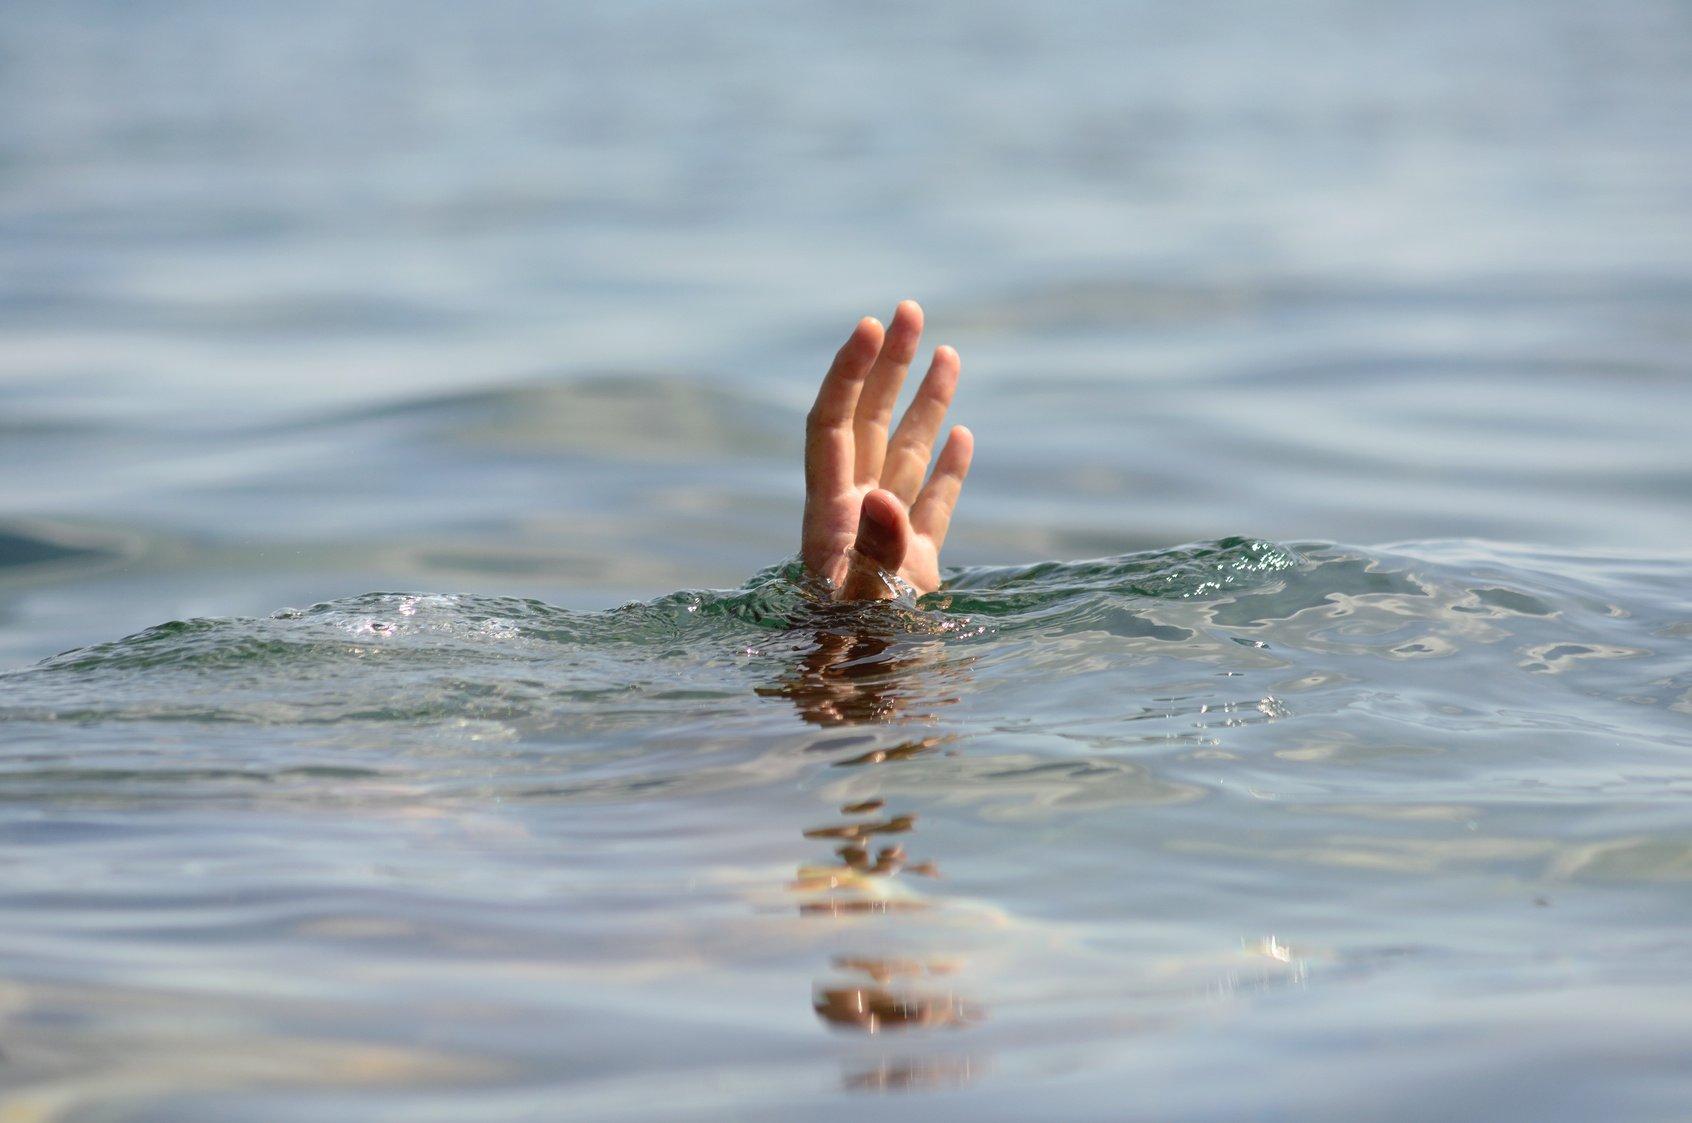 В Астраханской области проводится проверка по факту утопления мужчины в реке